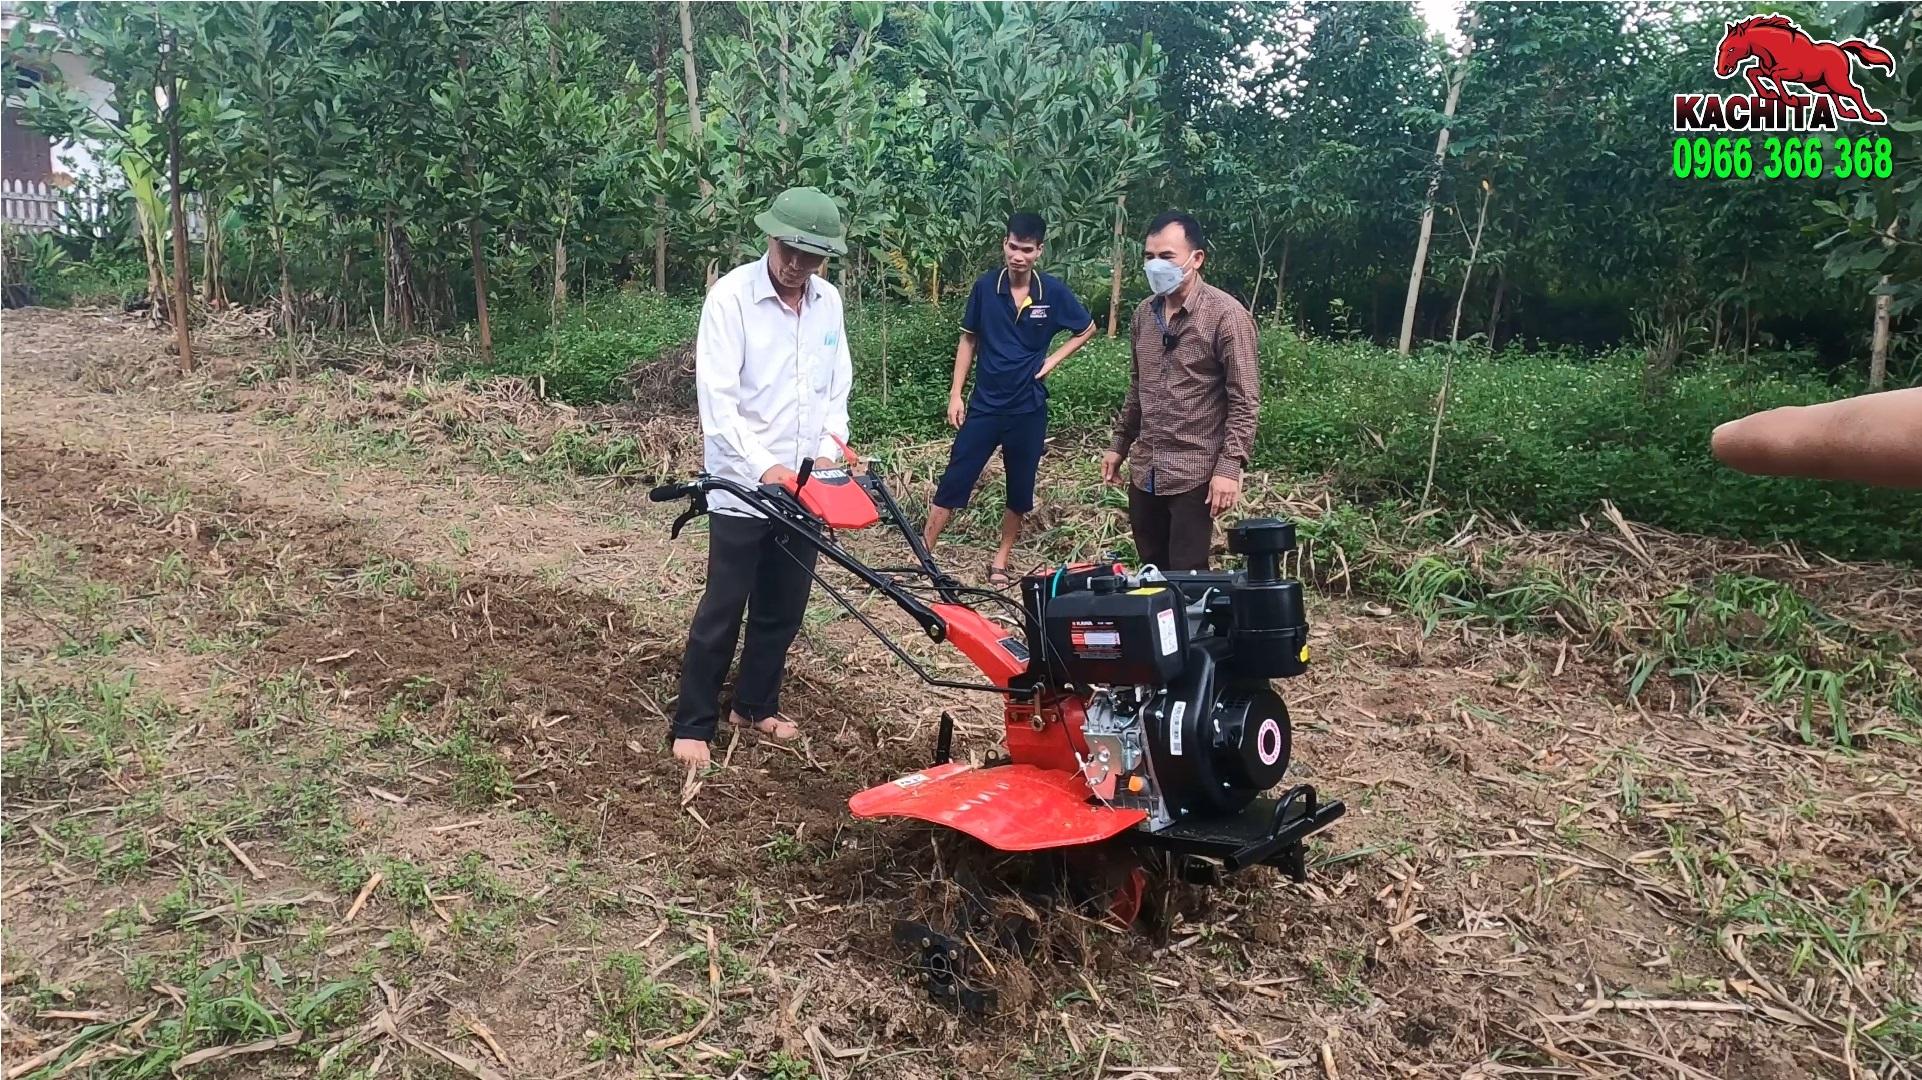 bàn giao máy xới đất tại Vĩnh Phúc tận nhà